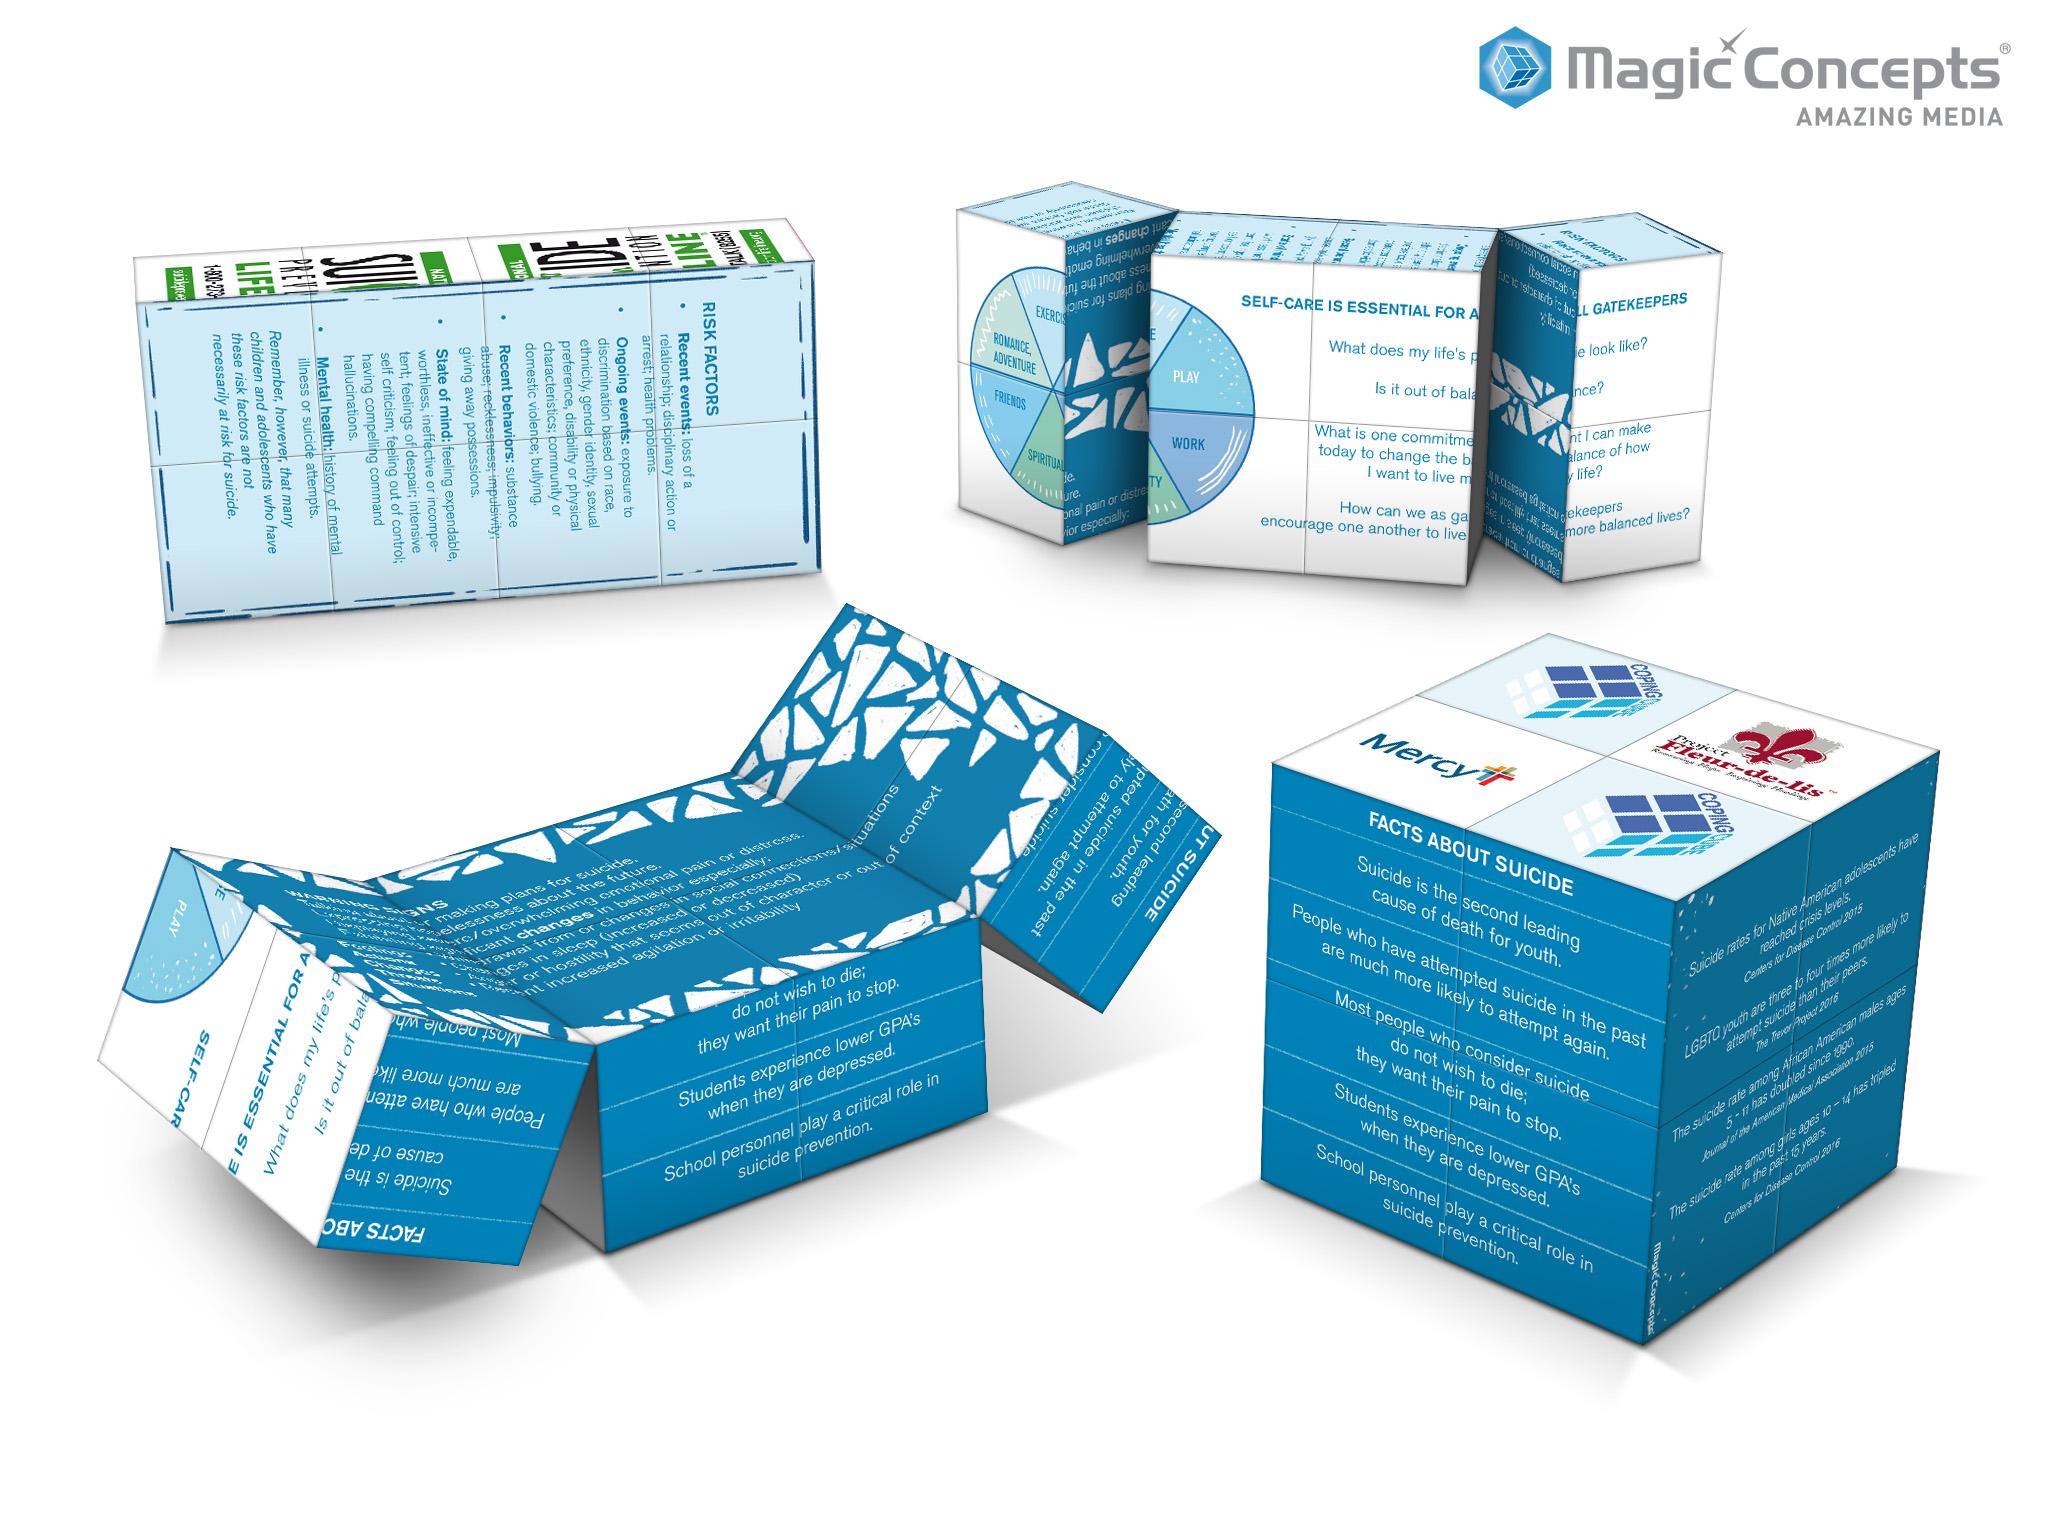 3D Cube images.jpg